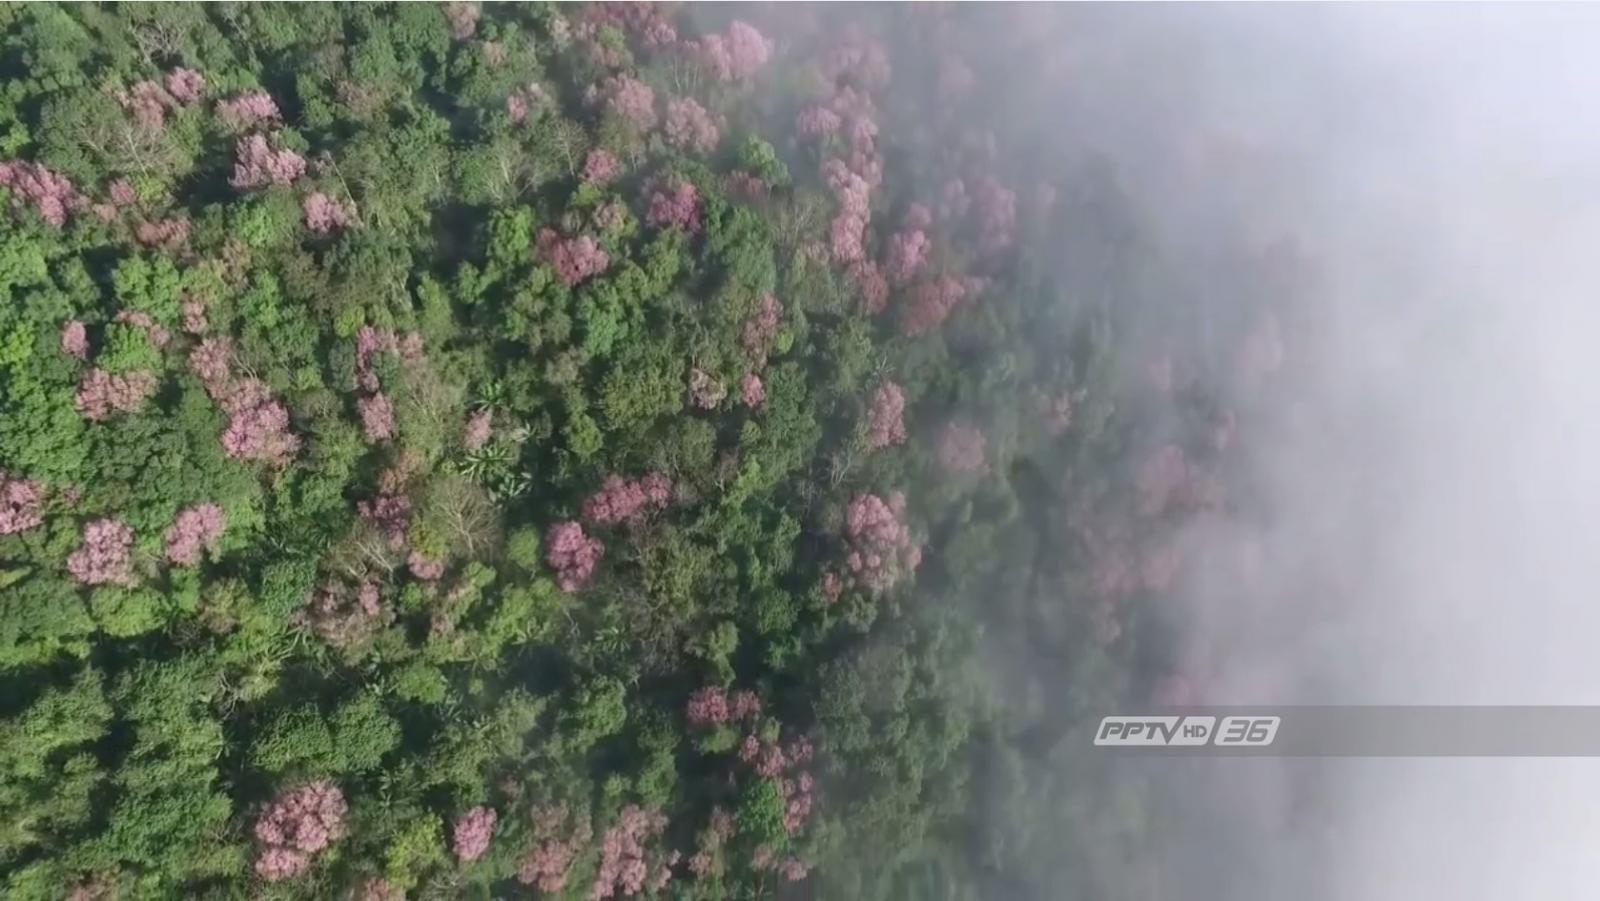 ซากุระเมืองไทยในสายหมอก บานสะพรั่งเต็มภูทับเบิก